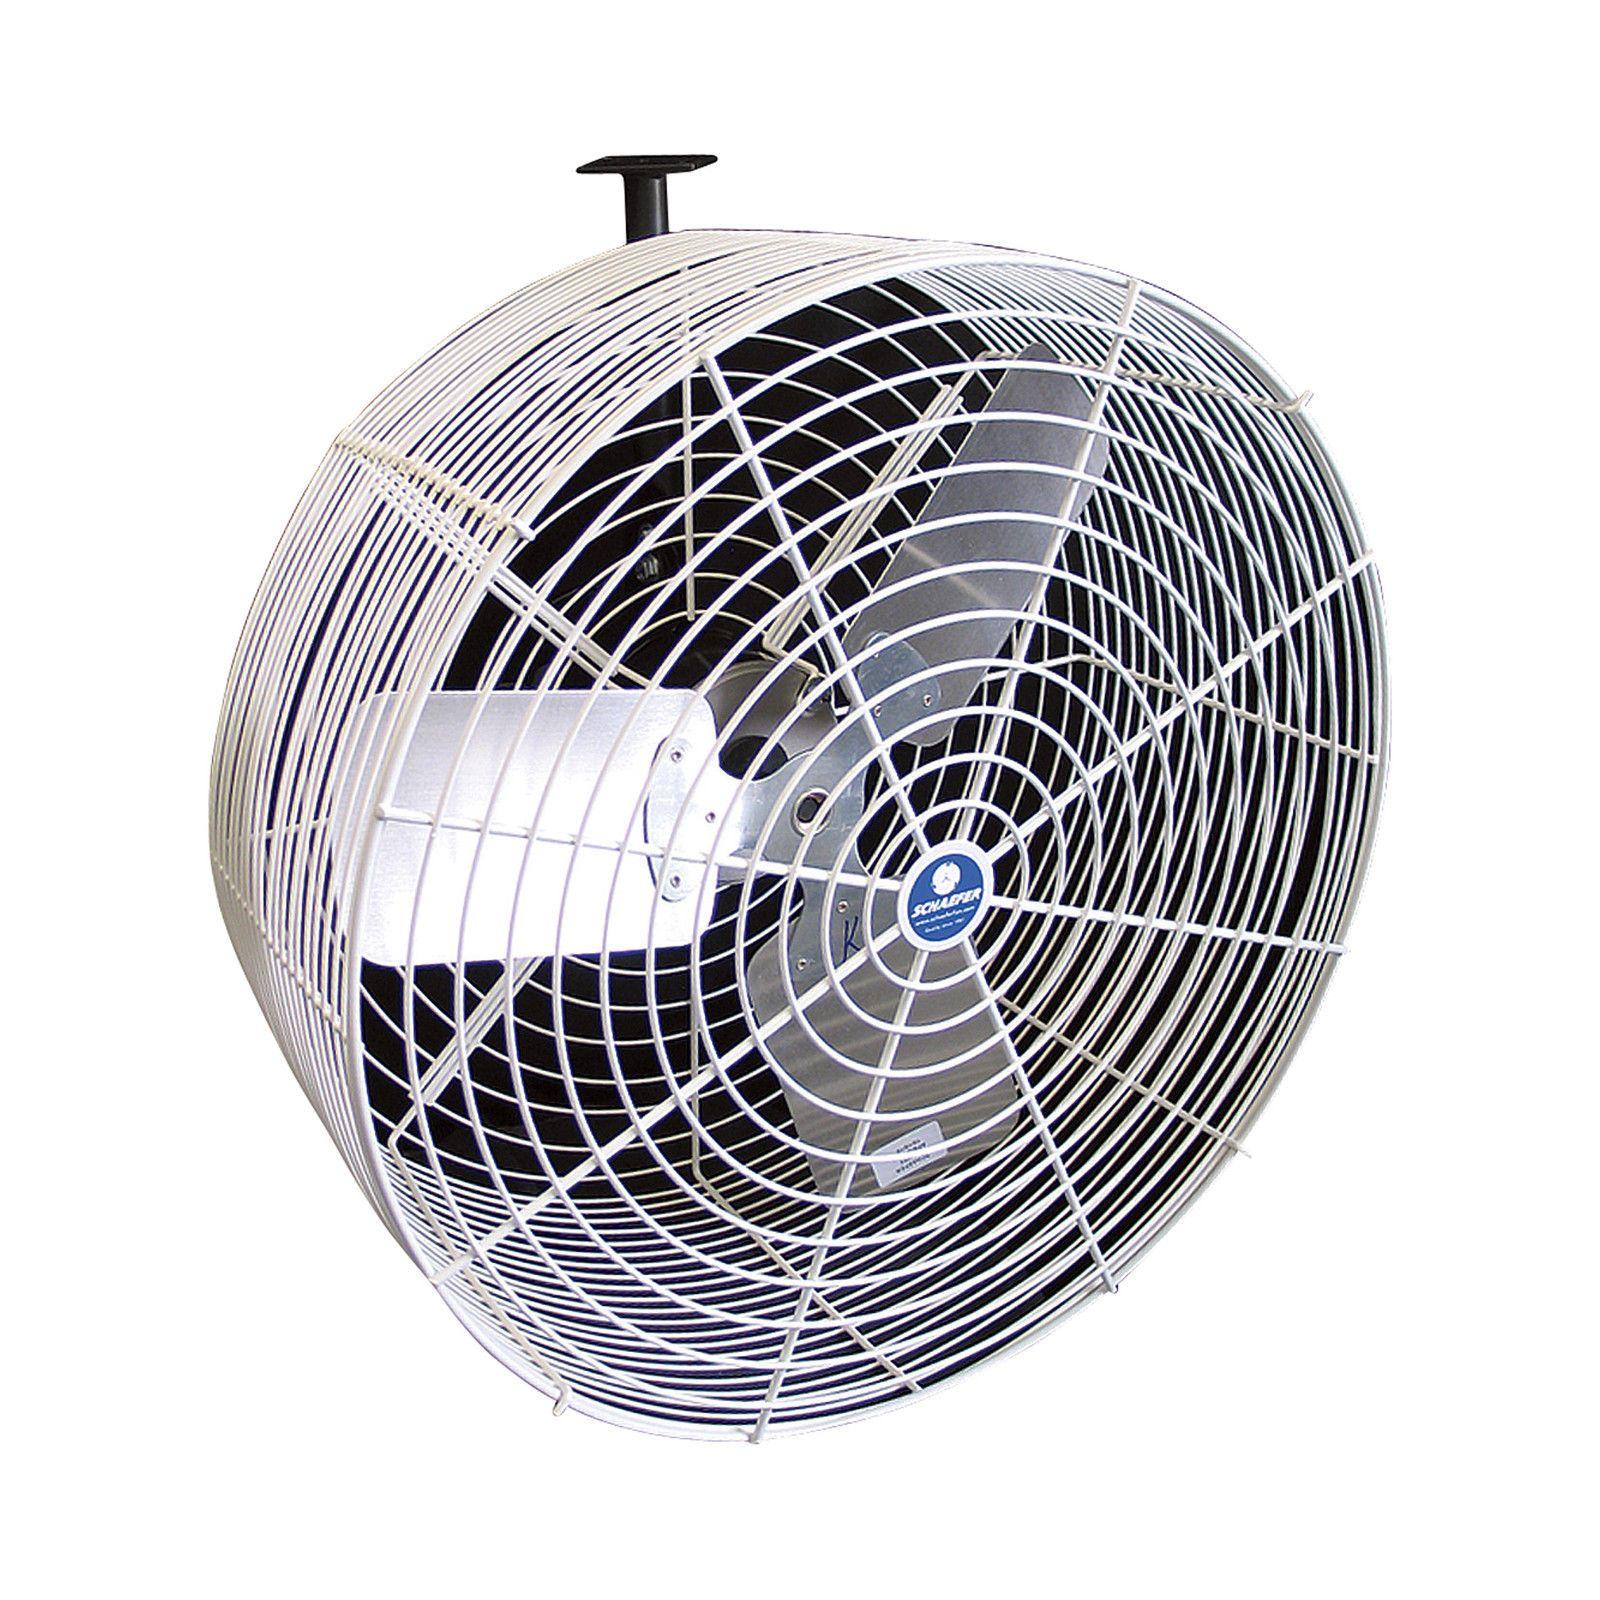 Schaefer Versa Kool Air Circulation Fan 24in 7409 Cfm 1 2 Hp 115 230v Vk24 Industrial Fan Wall Mounted Fan Fan